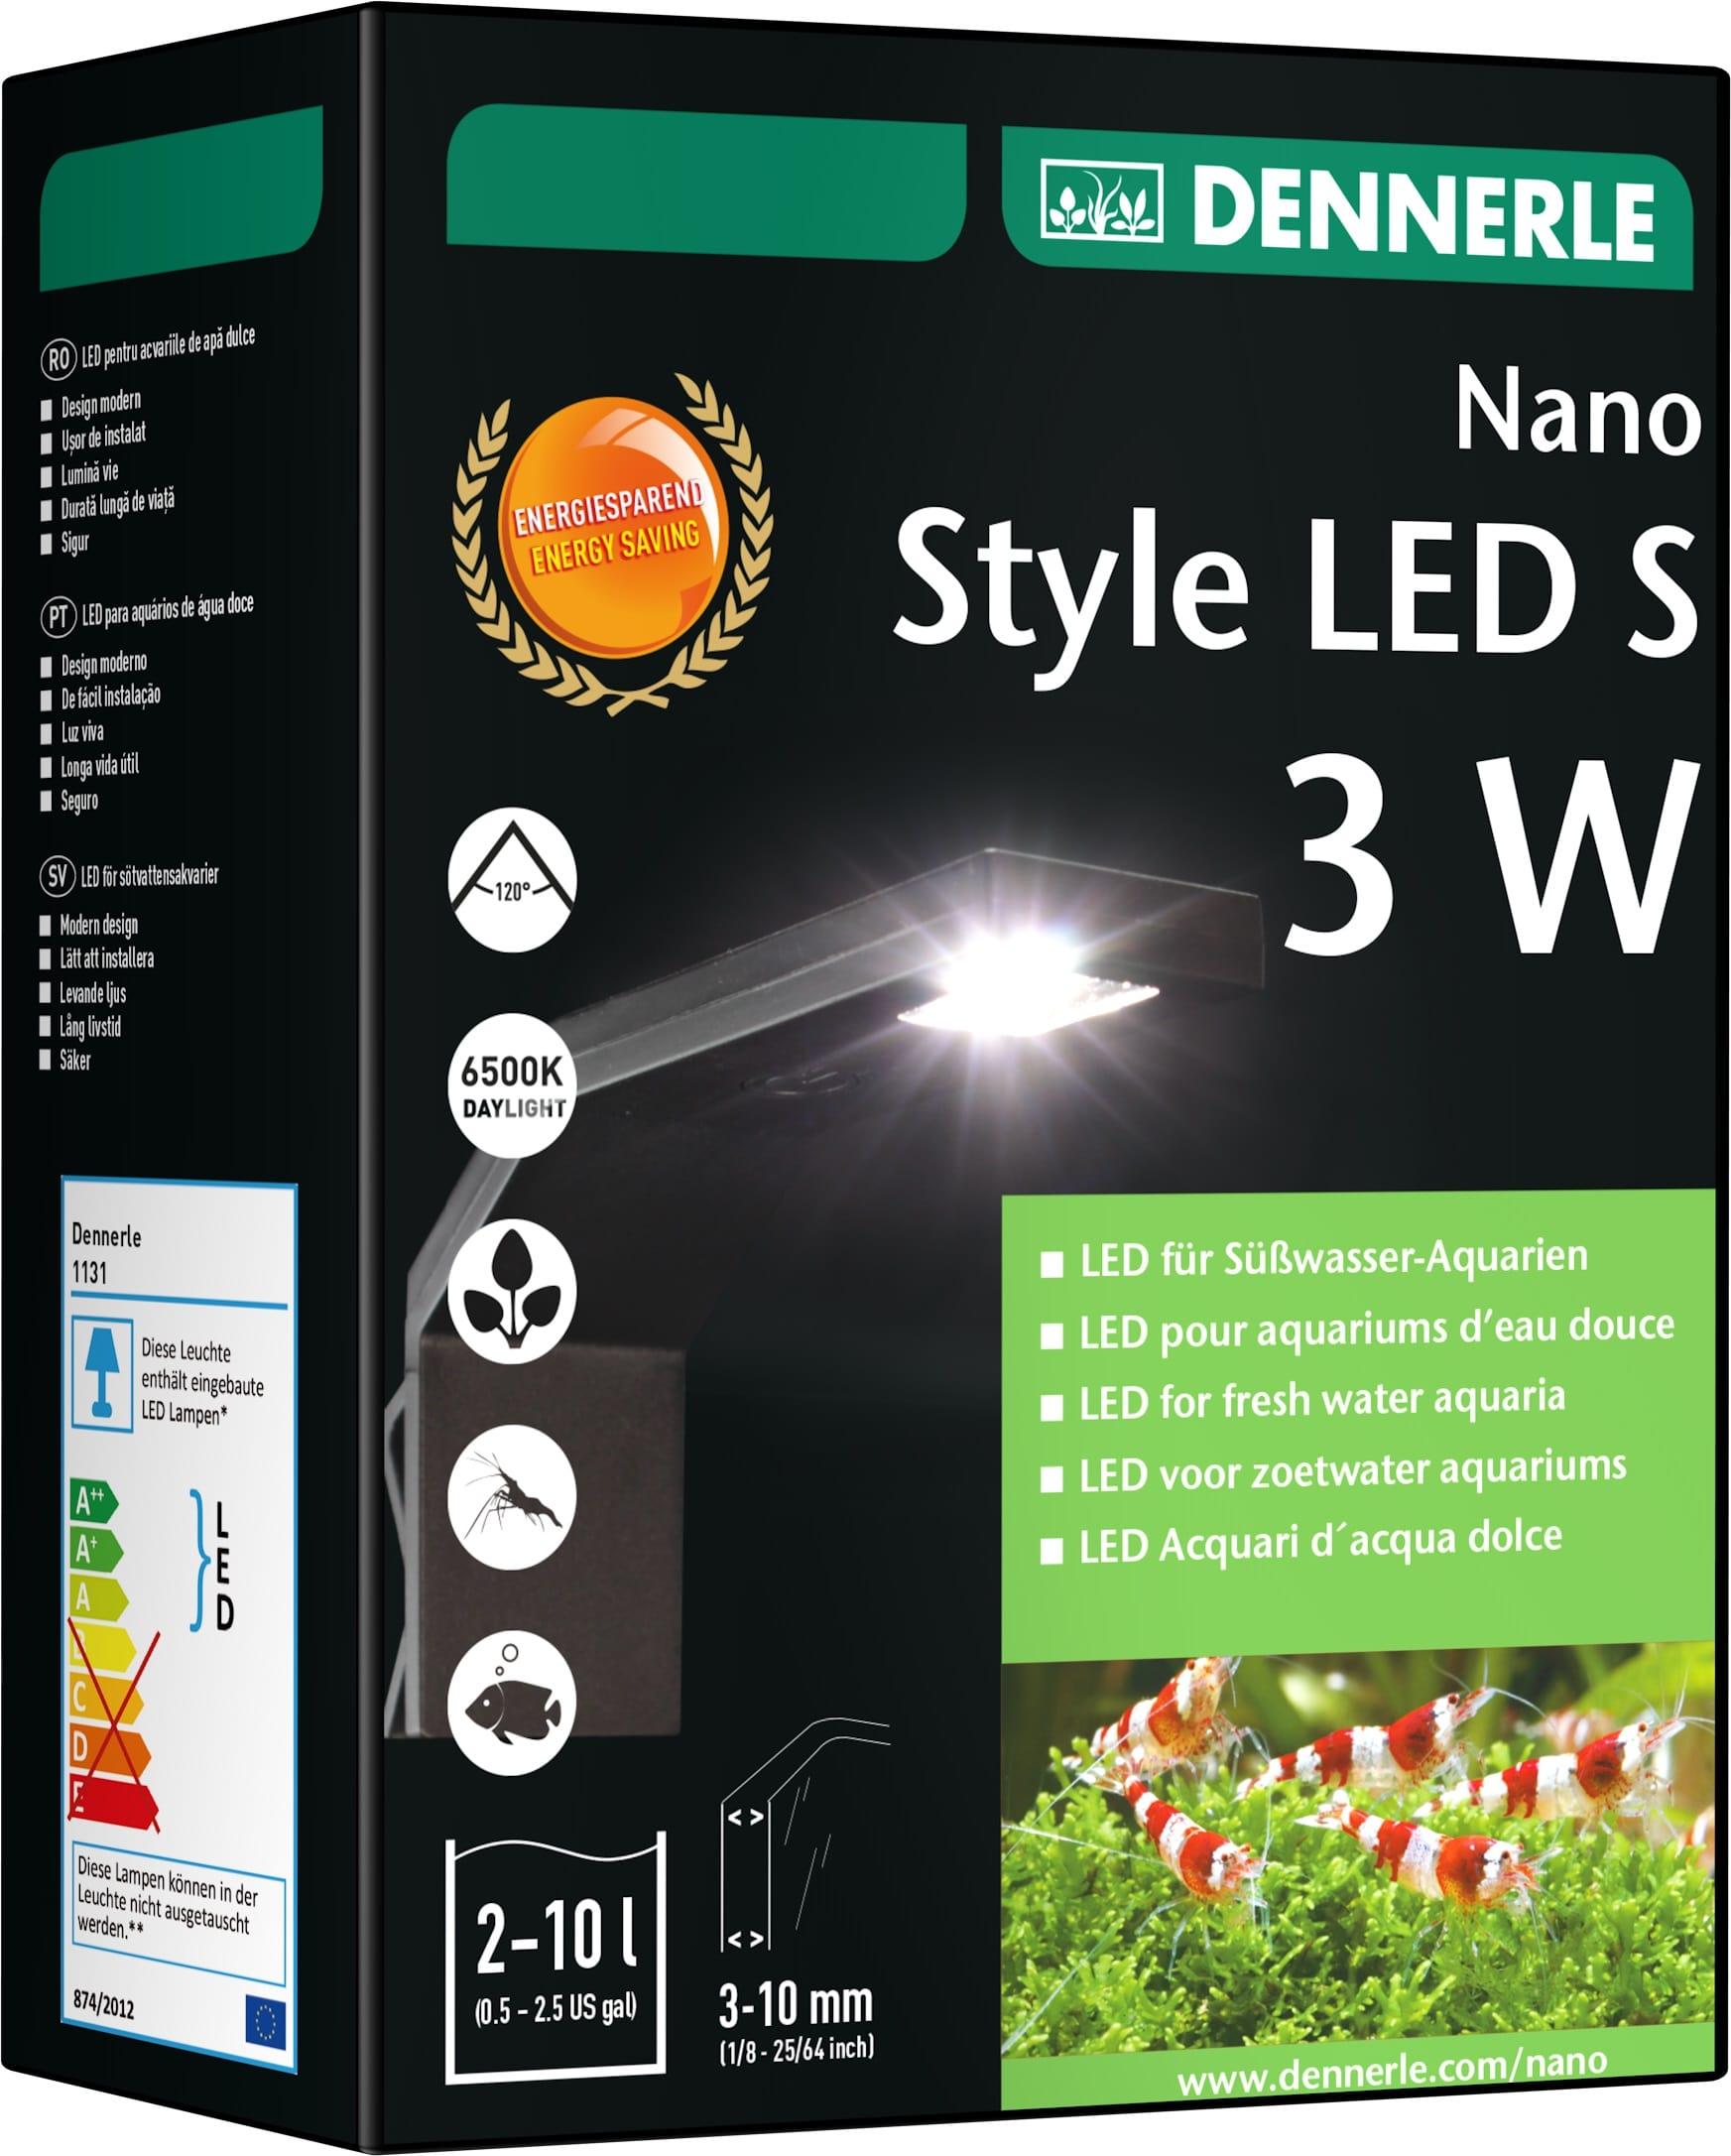 DENNERLE Nano Style LED S 3W éclairage 100 Lumens pour nano-aquarium de 2 à 10L